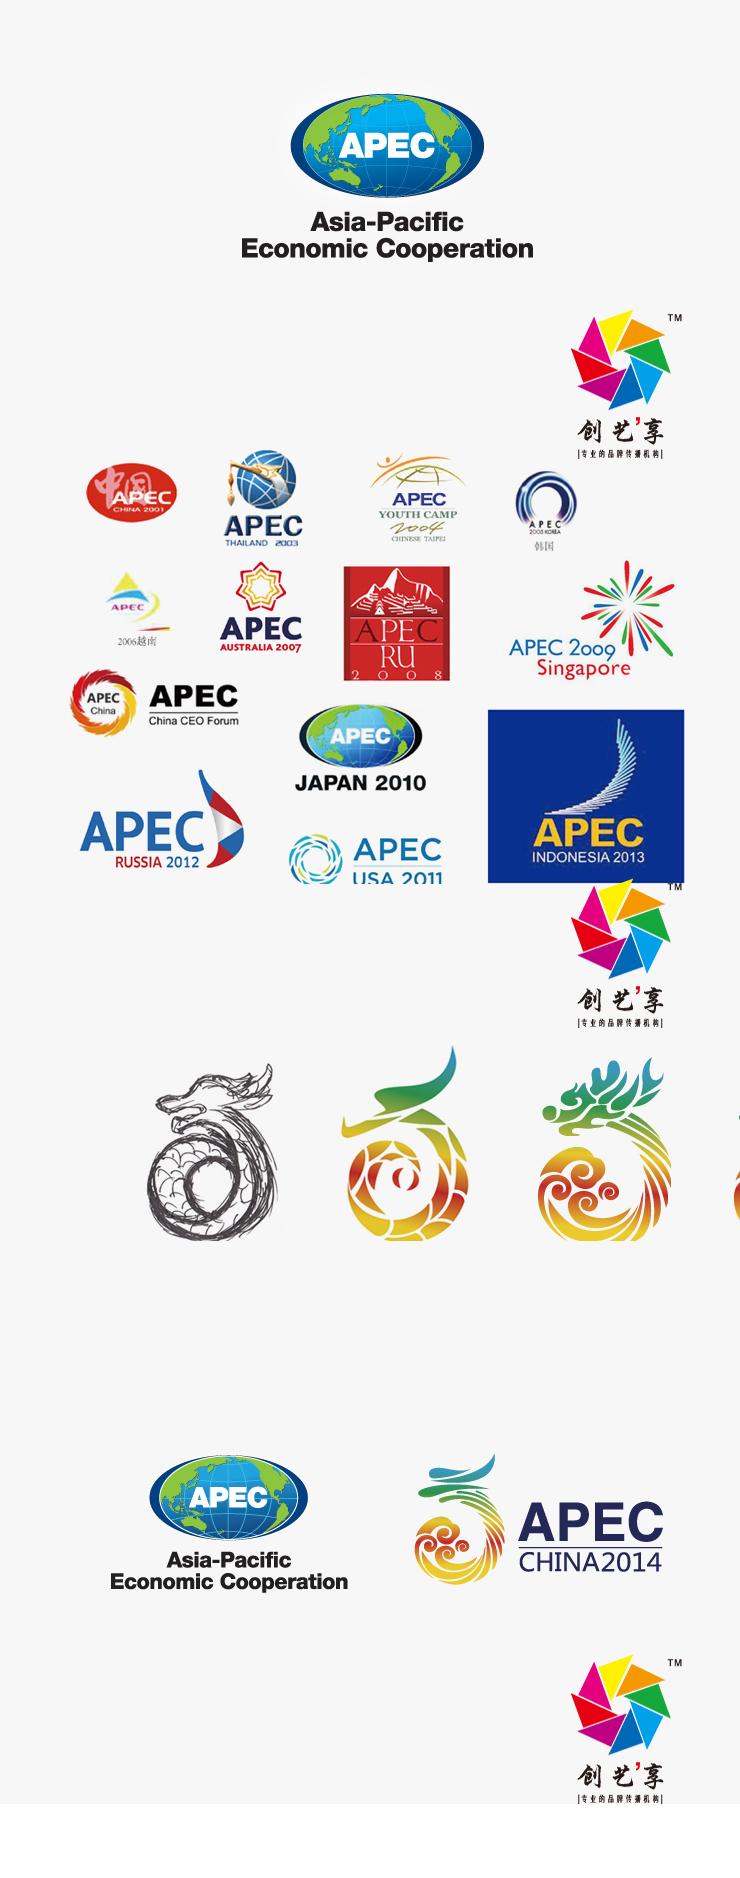 南京会标设计,南京徽标设计公司,南京标志设计